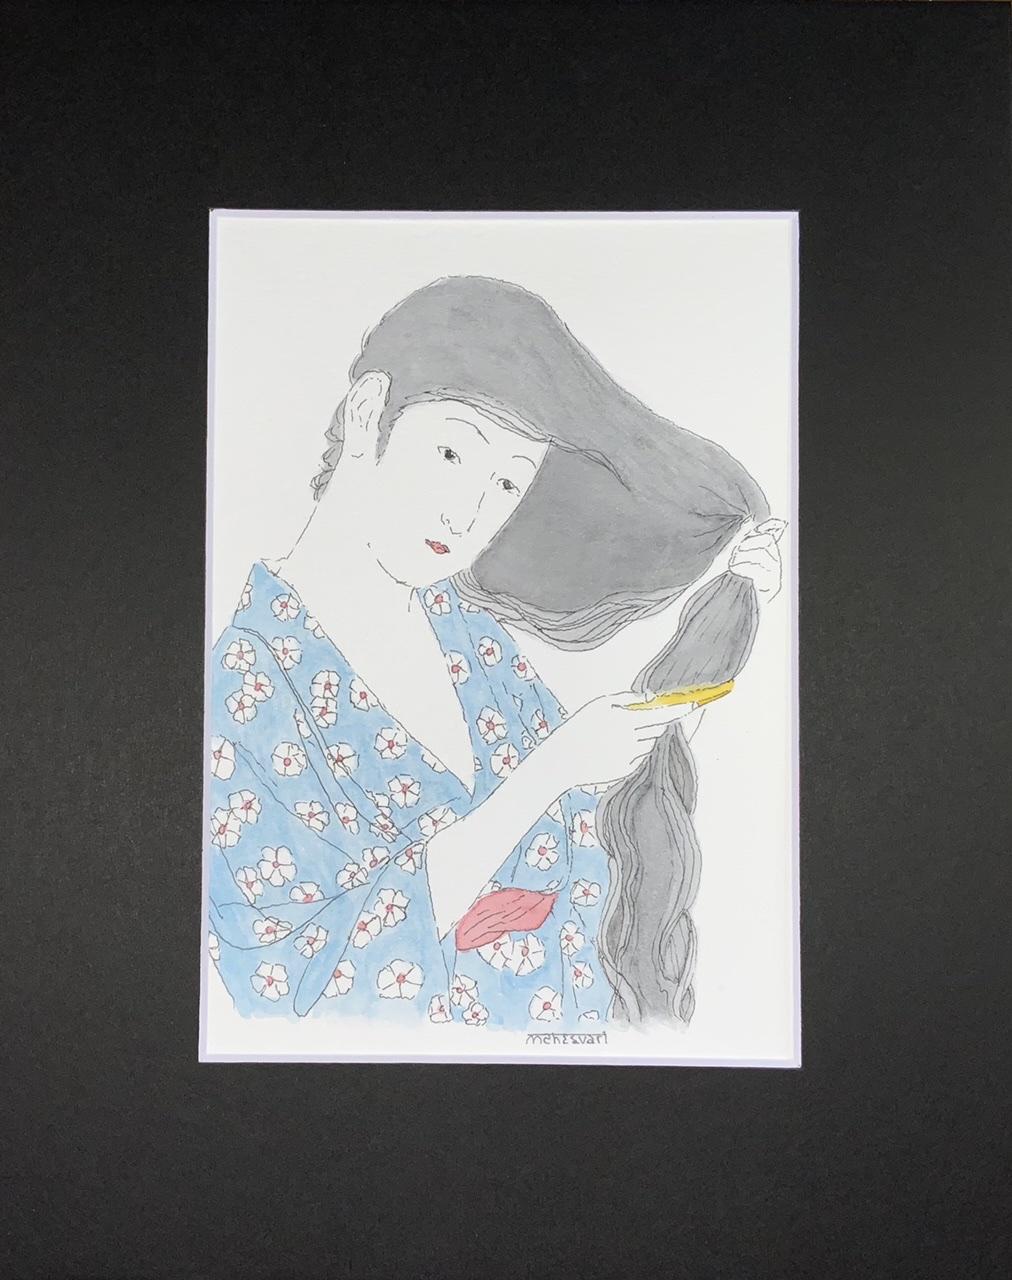 """<span style=""""color: #ff0000;""""><a style=""""color: #ff0000;"""" href=""""mailto:info@arttotalmultimedia.com?subject=Défi 15 dessins 15 semaines -   Nostalgie aux fleurs blanches"""">Contacter l'agent de l'artiste</a></span> Mahesvari -   Nostalgie aux fleurs blanches - 115$ (transaction directement avec l'agent de l'artiste) - encre et aquarelle sur papier aquarelle, 8,5 x 5,5 po avec passe-partout noir 10x8 po"""